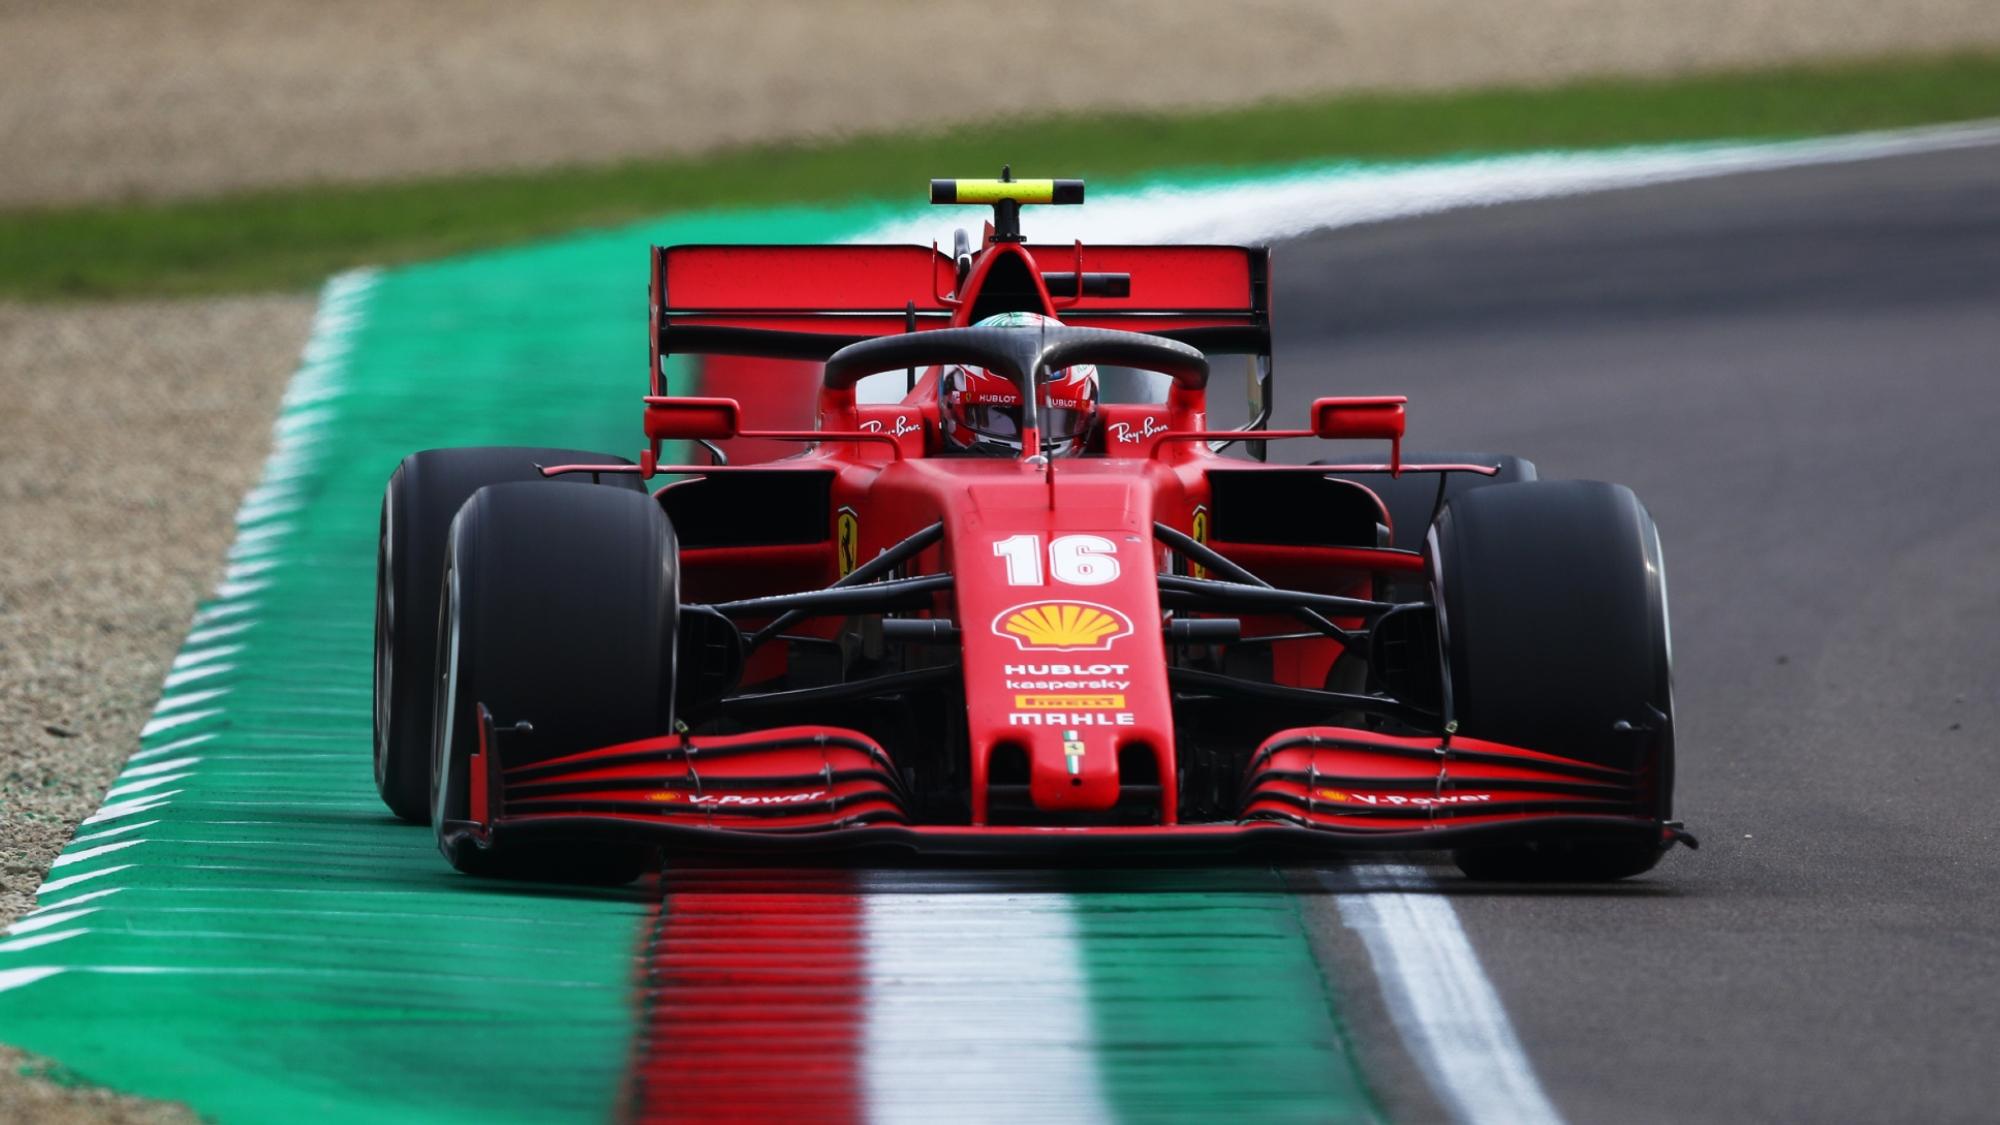 Charles Leclerc, 2020 Emilia Romagna GP